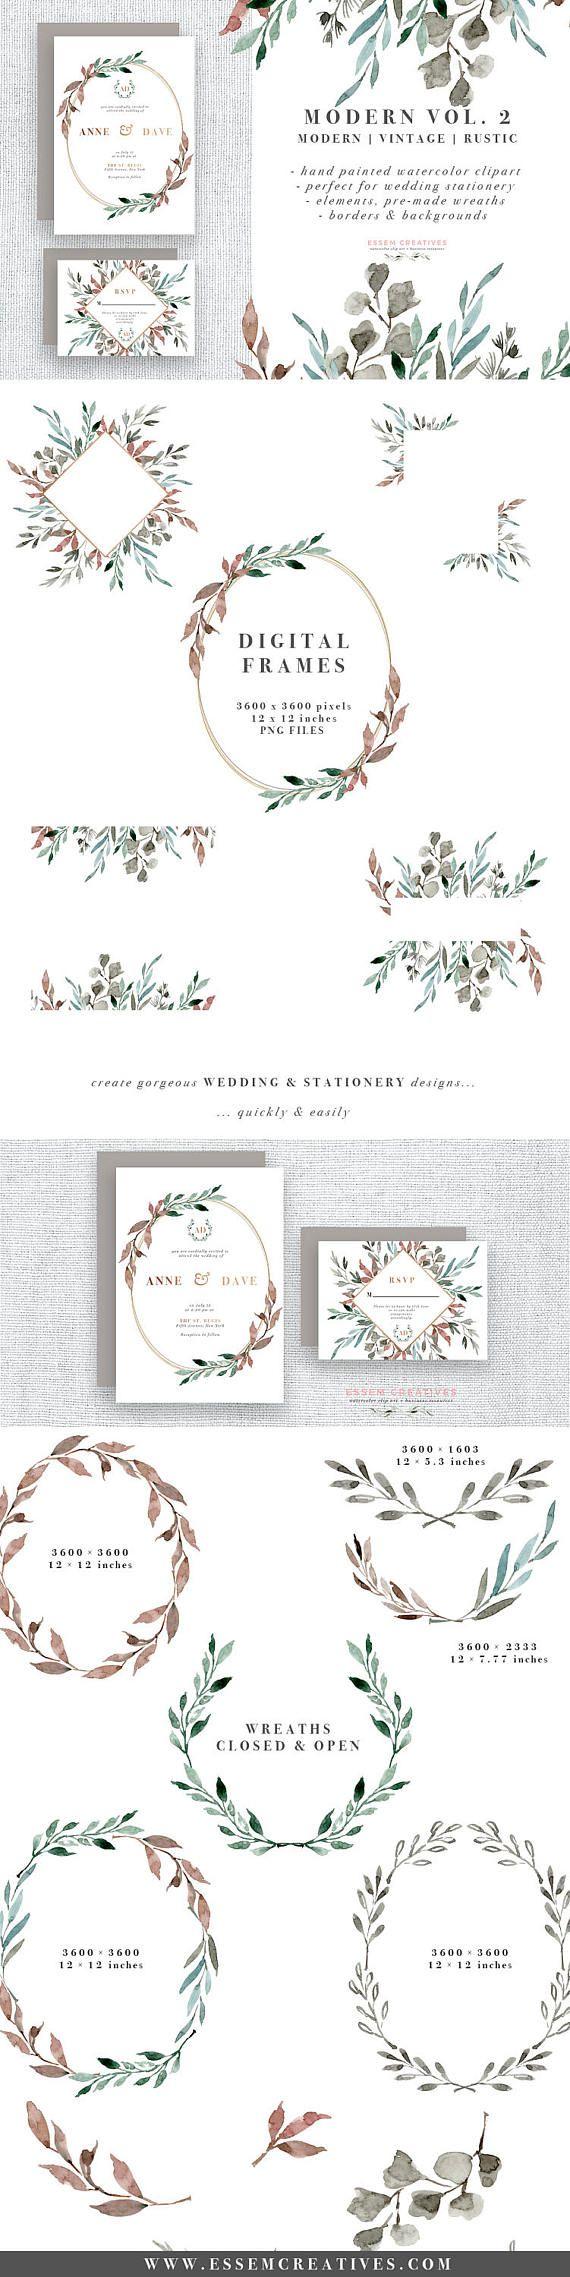 Clipart de guirlande de feuilles aquarelle, feuilles de verdure, faire-part de mariage aquarelle, Clipart hiver, cadre floral vintage moderne rustique & frontières   – Wedding